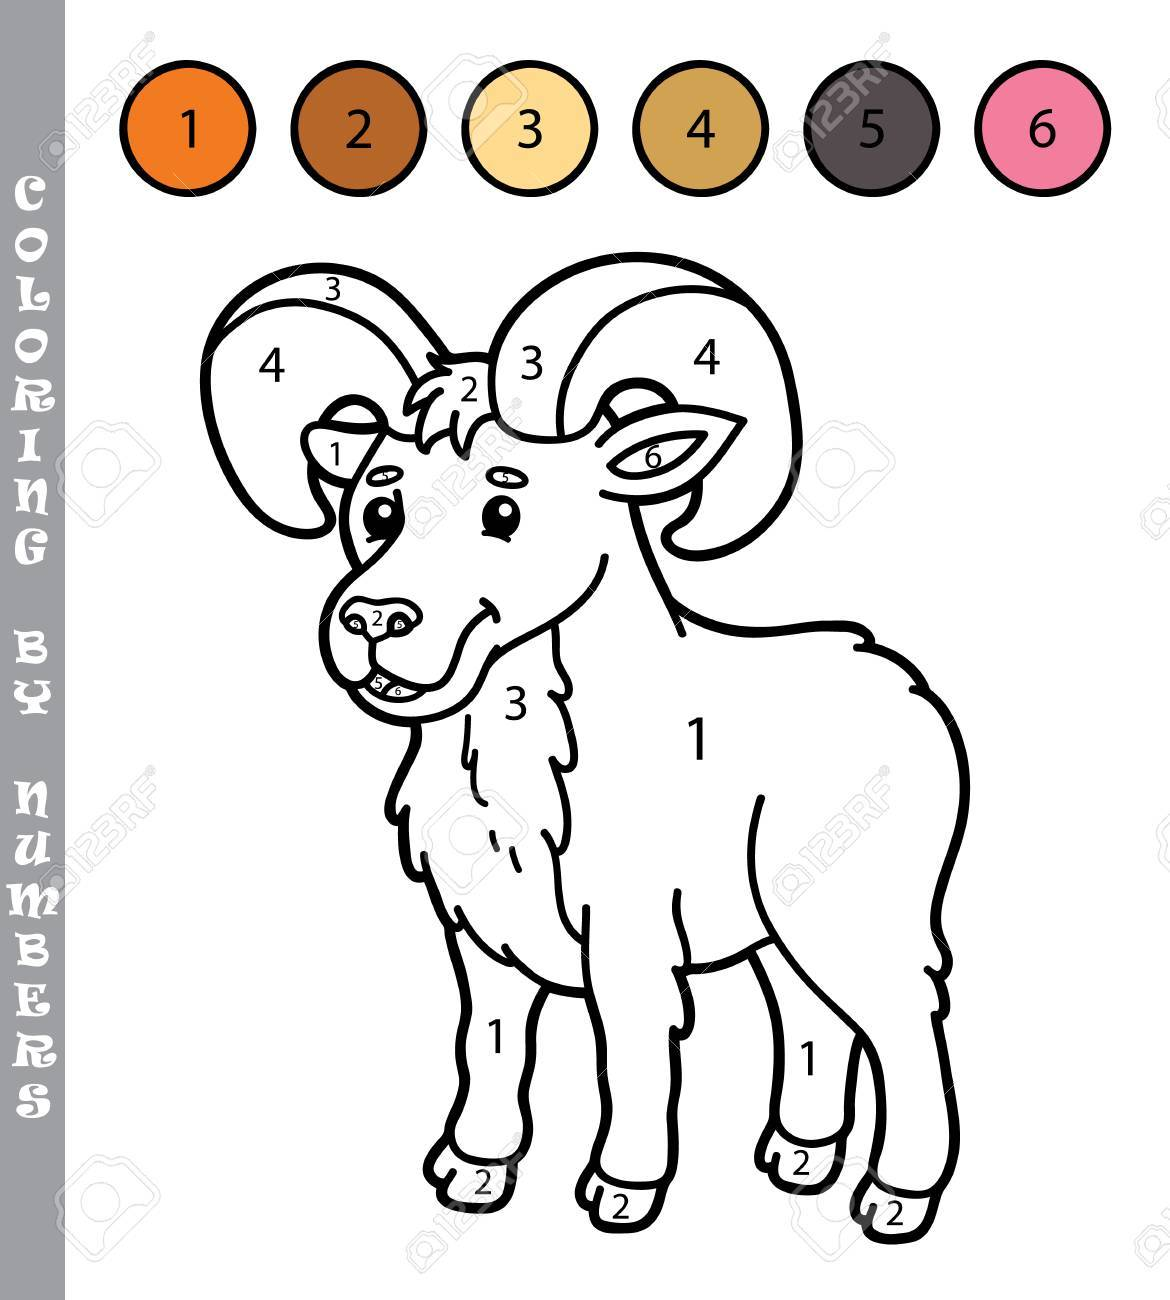 Colorear Por Números Divertido Juego Ilustración Vectorial Para Colorear Por Números Juego Con Urial De Dibujos Animados Para Los Niños